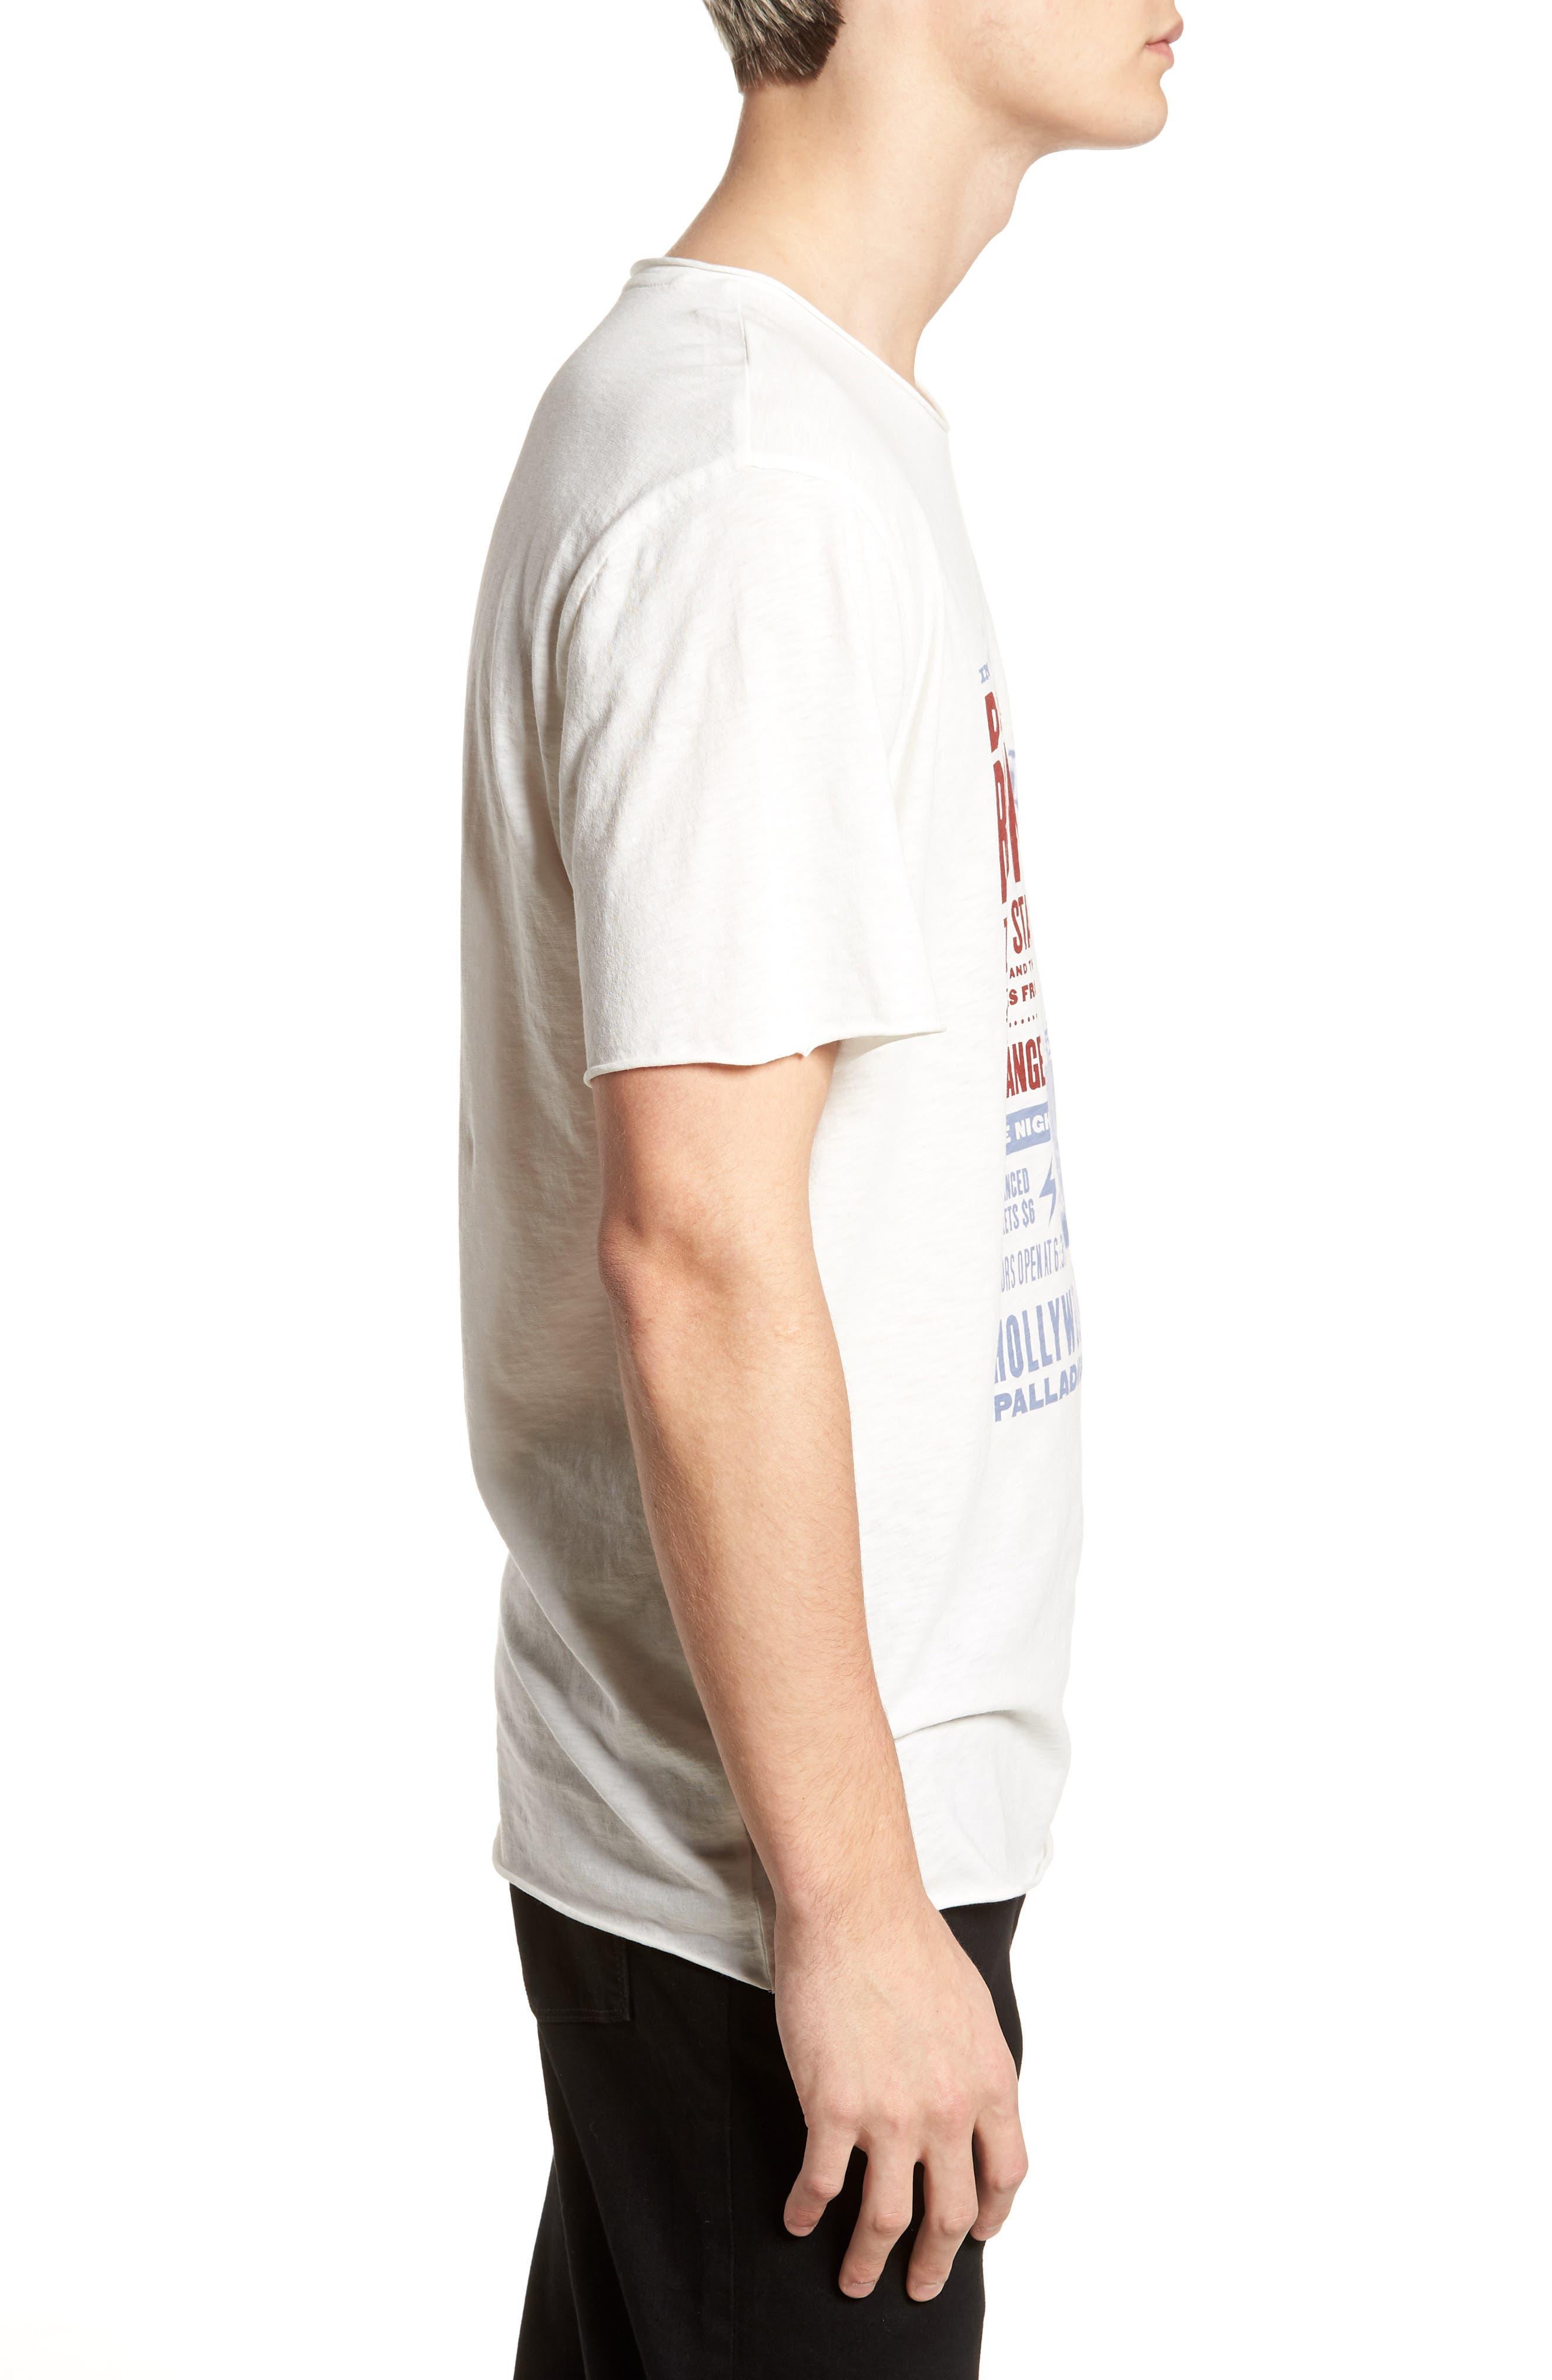 David Bowie Crewneck T-Shirt,                             Alternate thumbnail 3, color,                             Ivory David Bowie